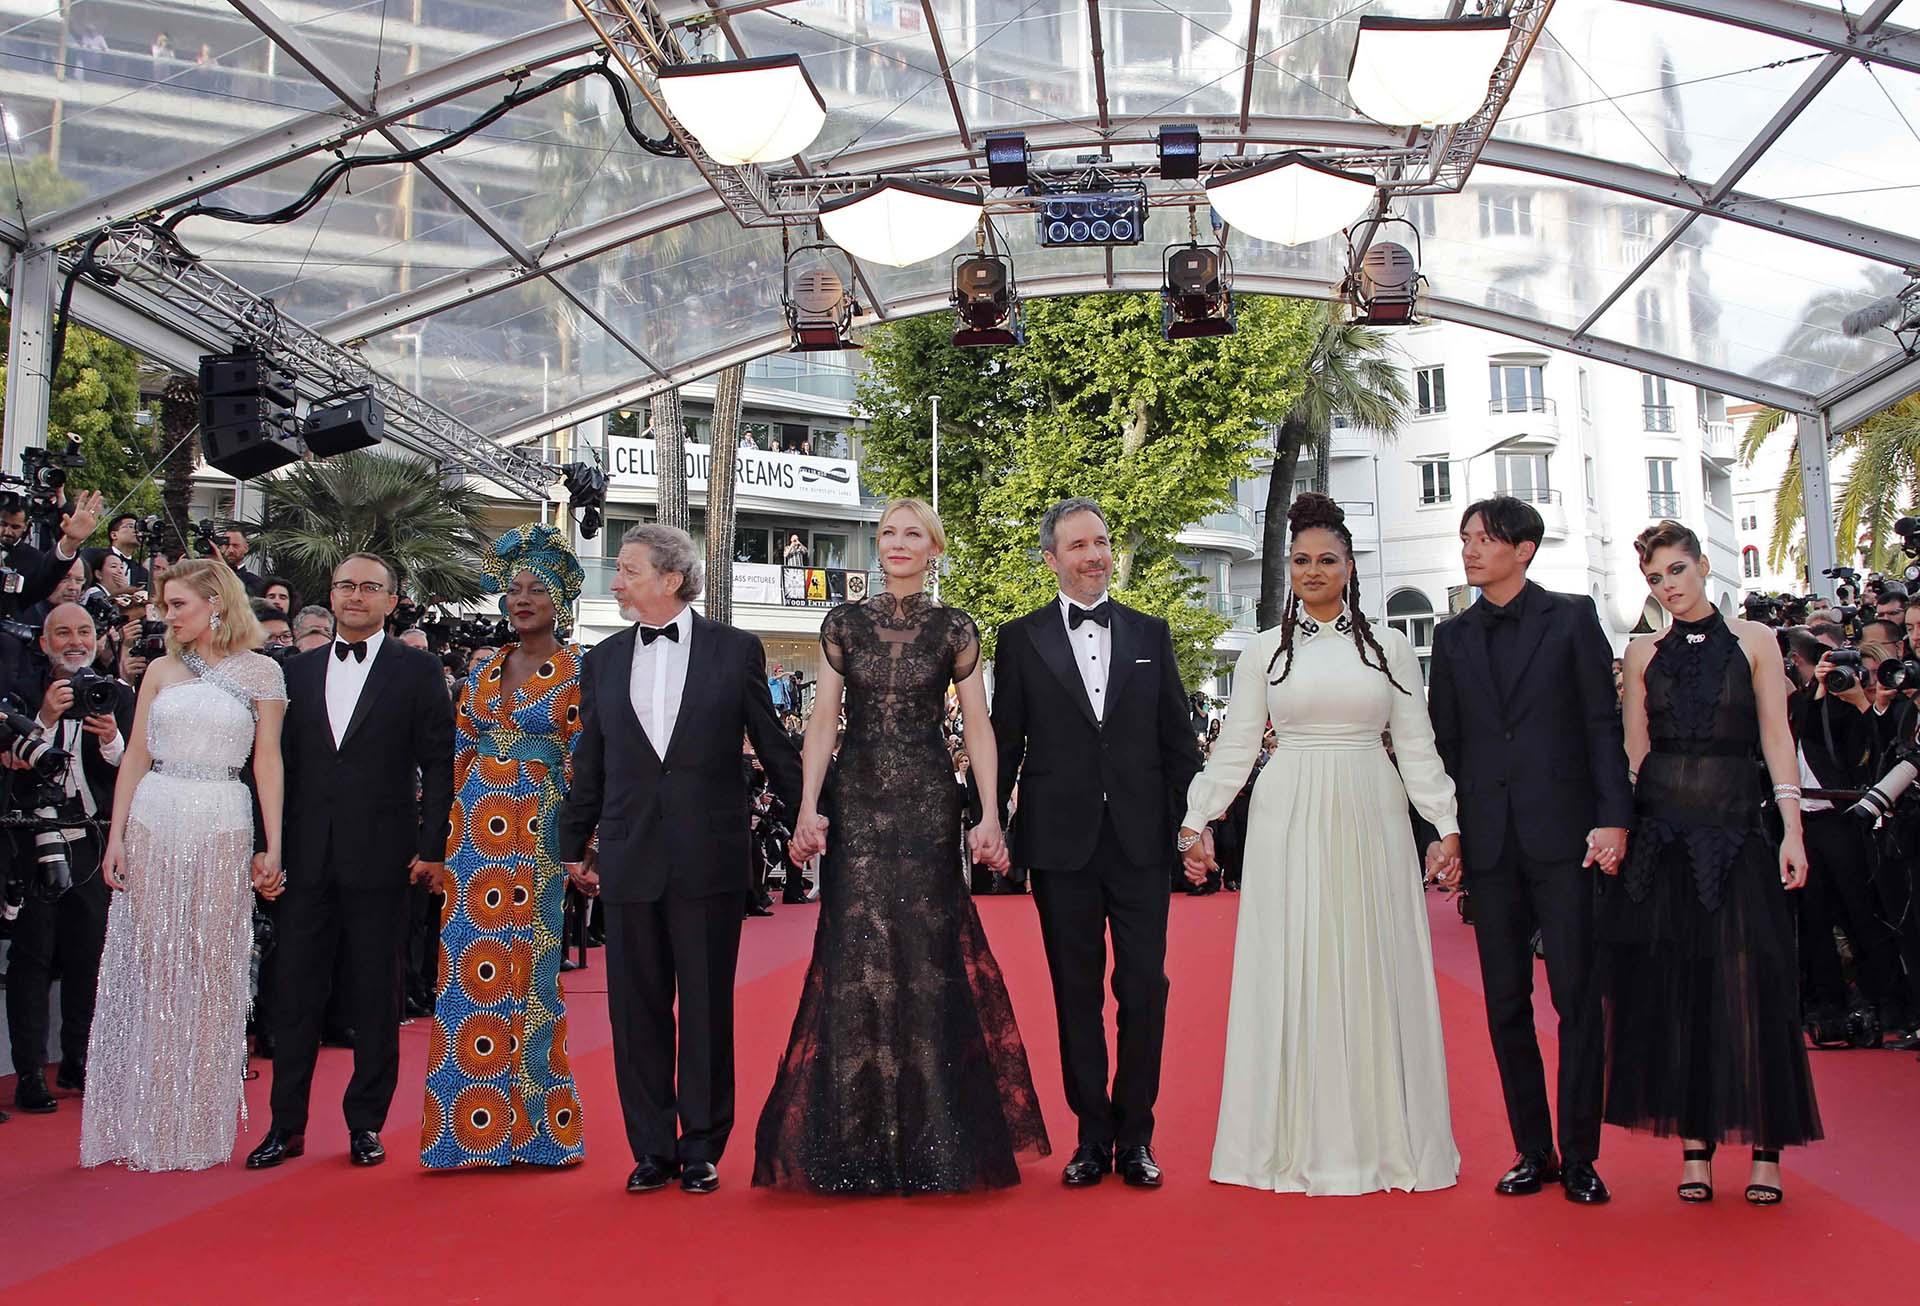 El jurado está integrado por Lea Seydoux, Andrey Zvyagintsev, Khadja Nin, Robert Guediguian, Cate Blanchett, Denis Villeneuve, Ava DuVernay, Chang Chen y Kristen Stewart